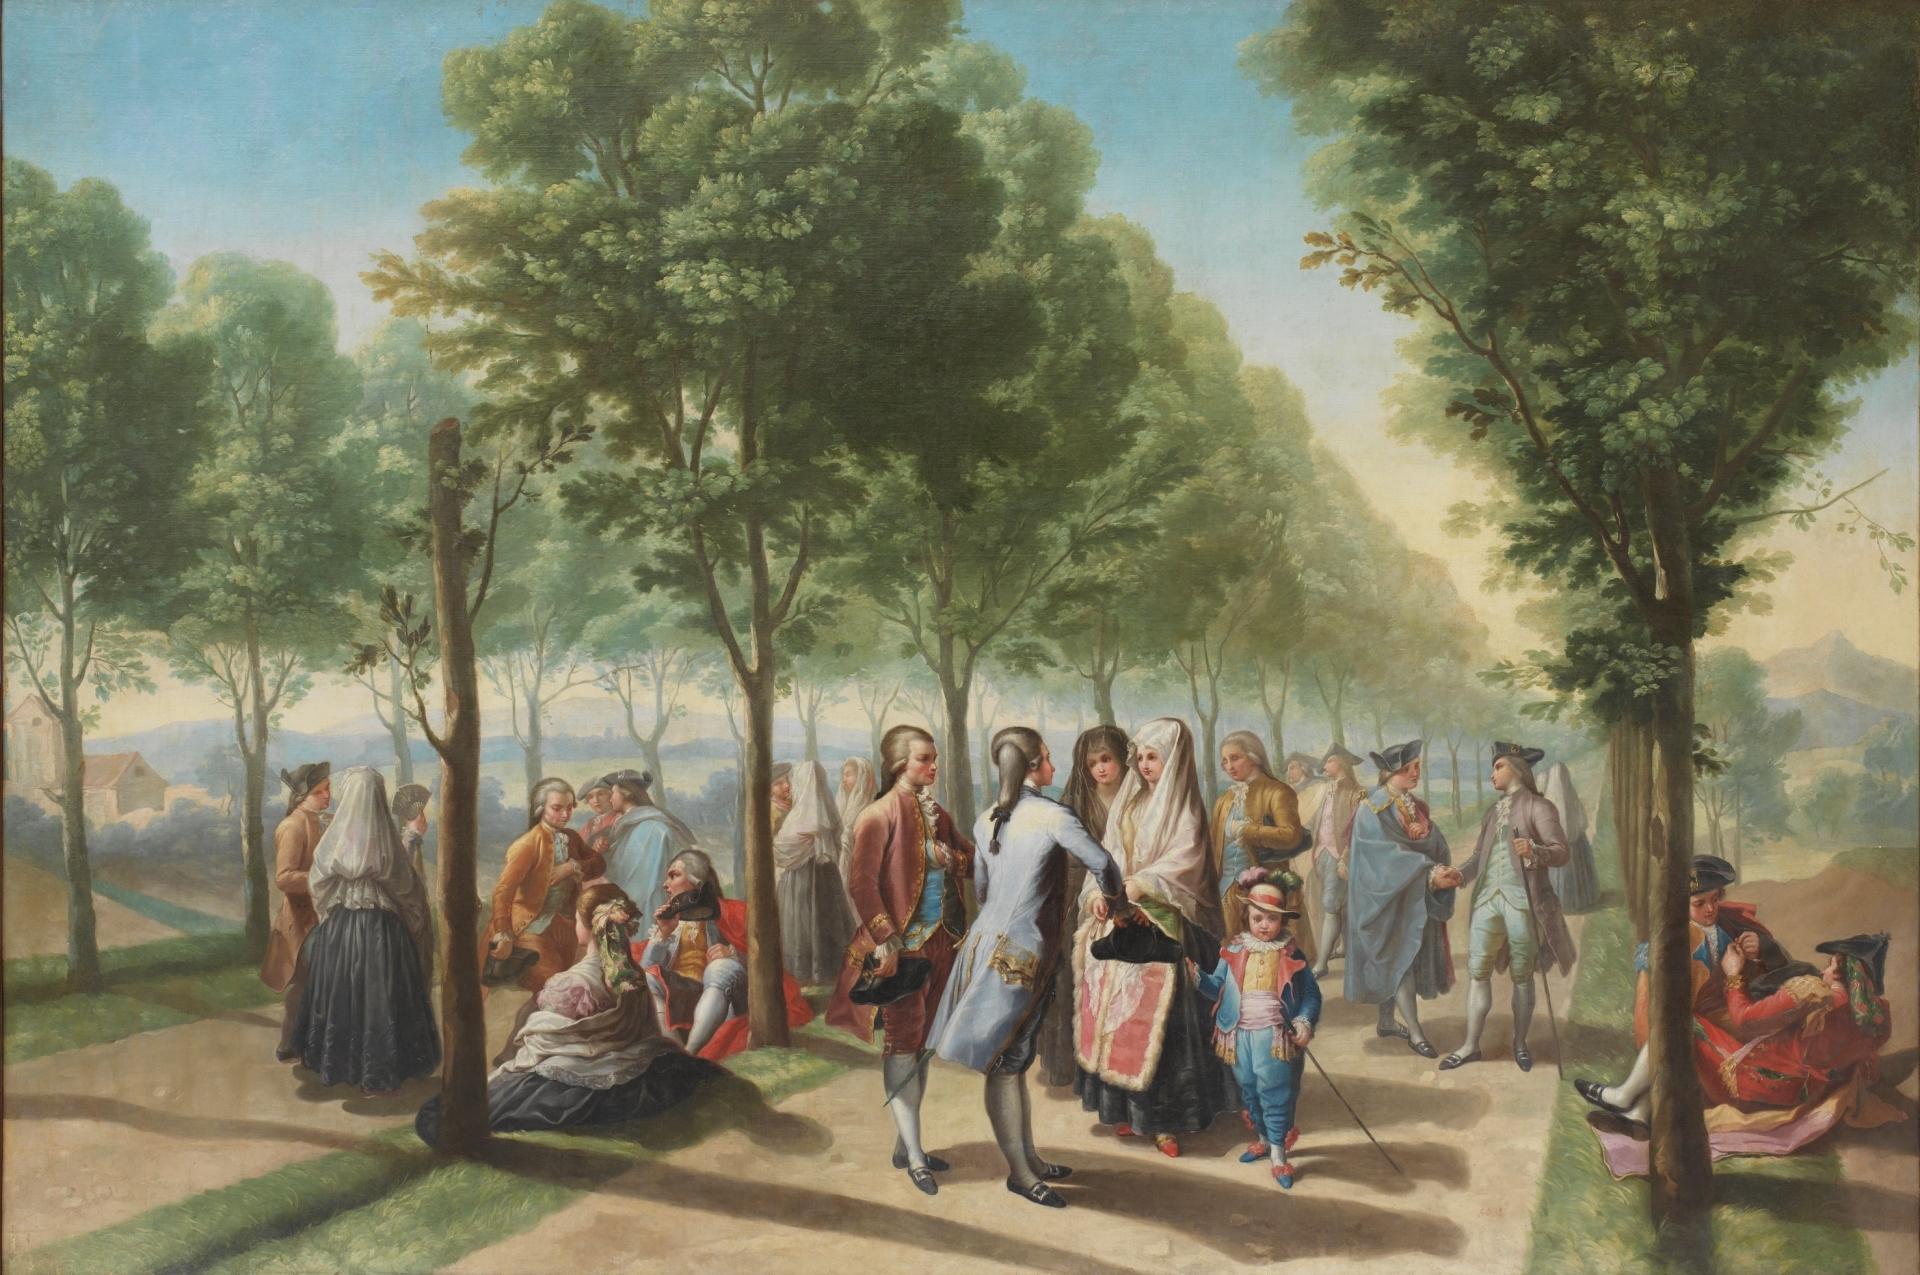 La tonadilla y tonadilleras en el Madrid de la Ilustración